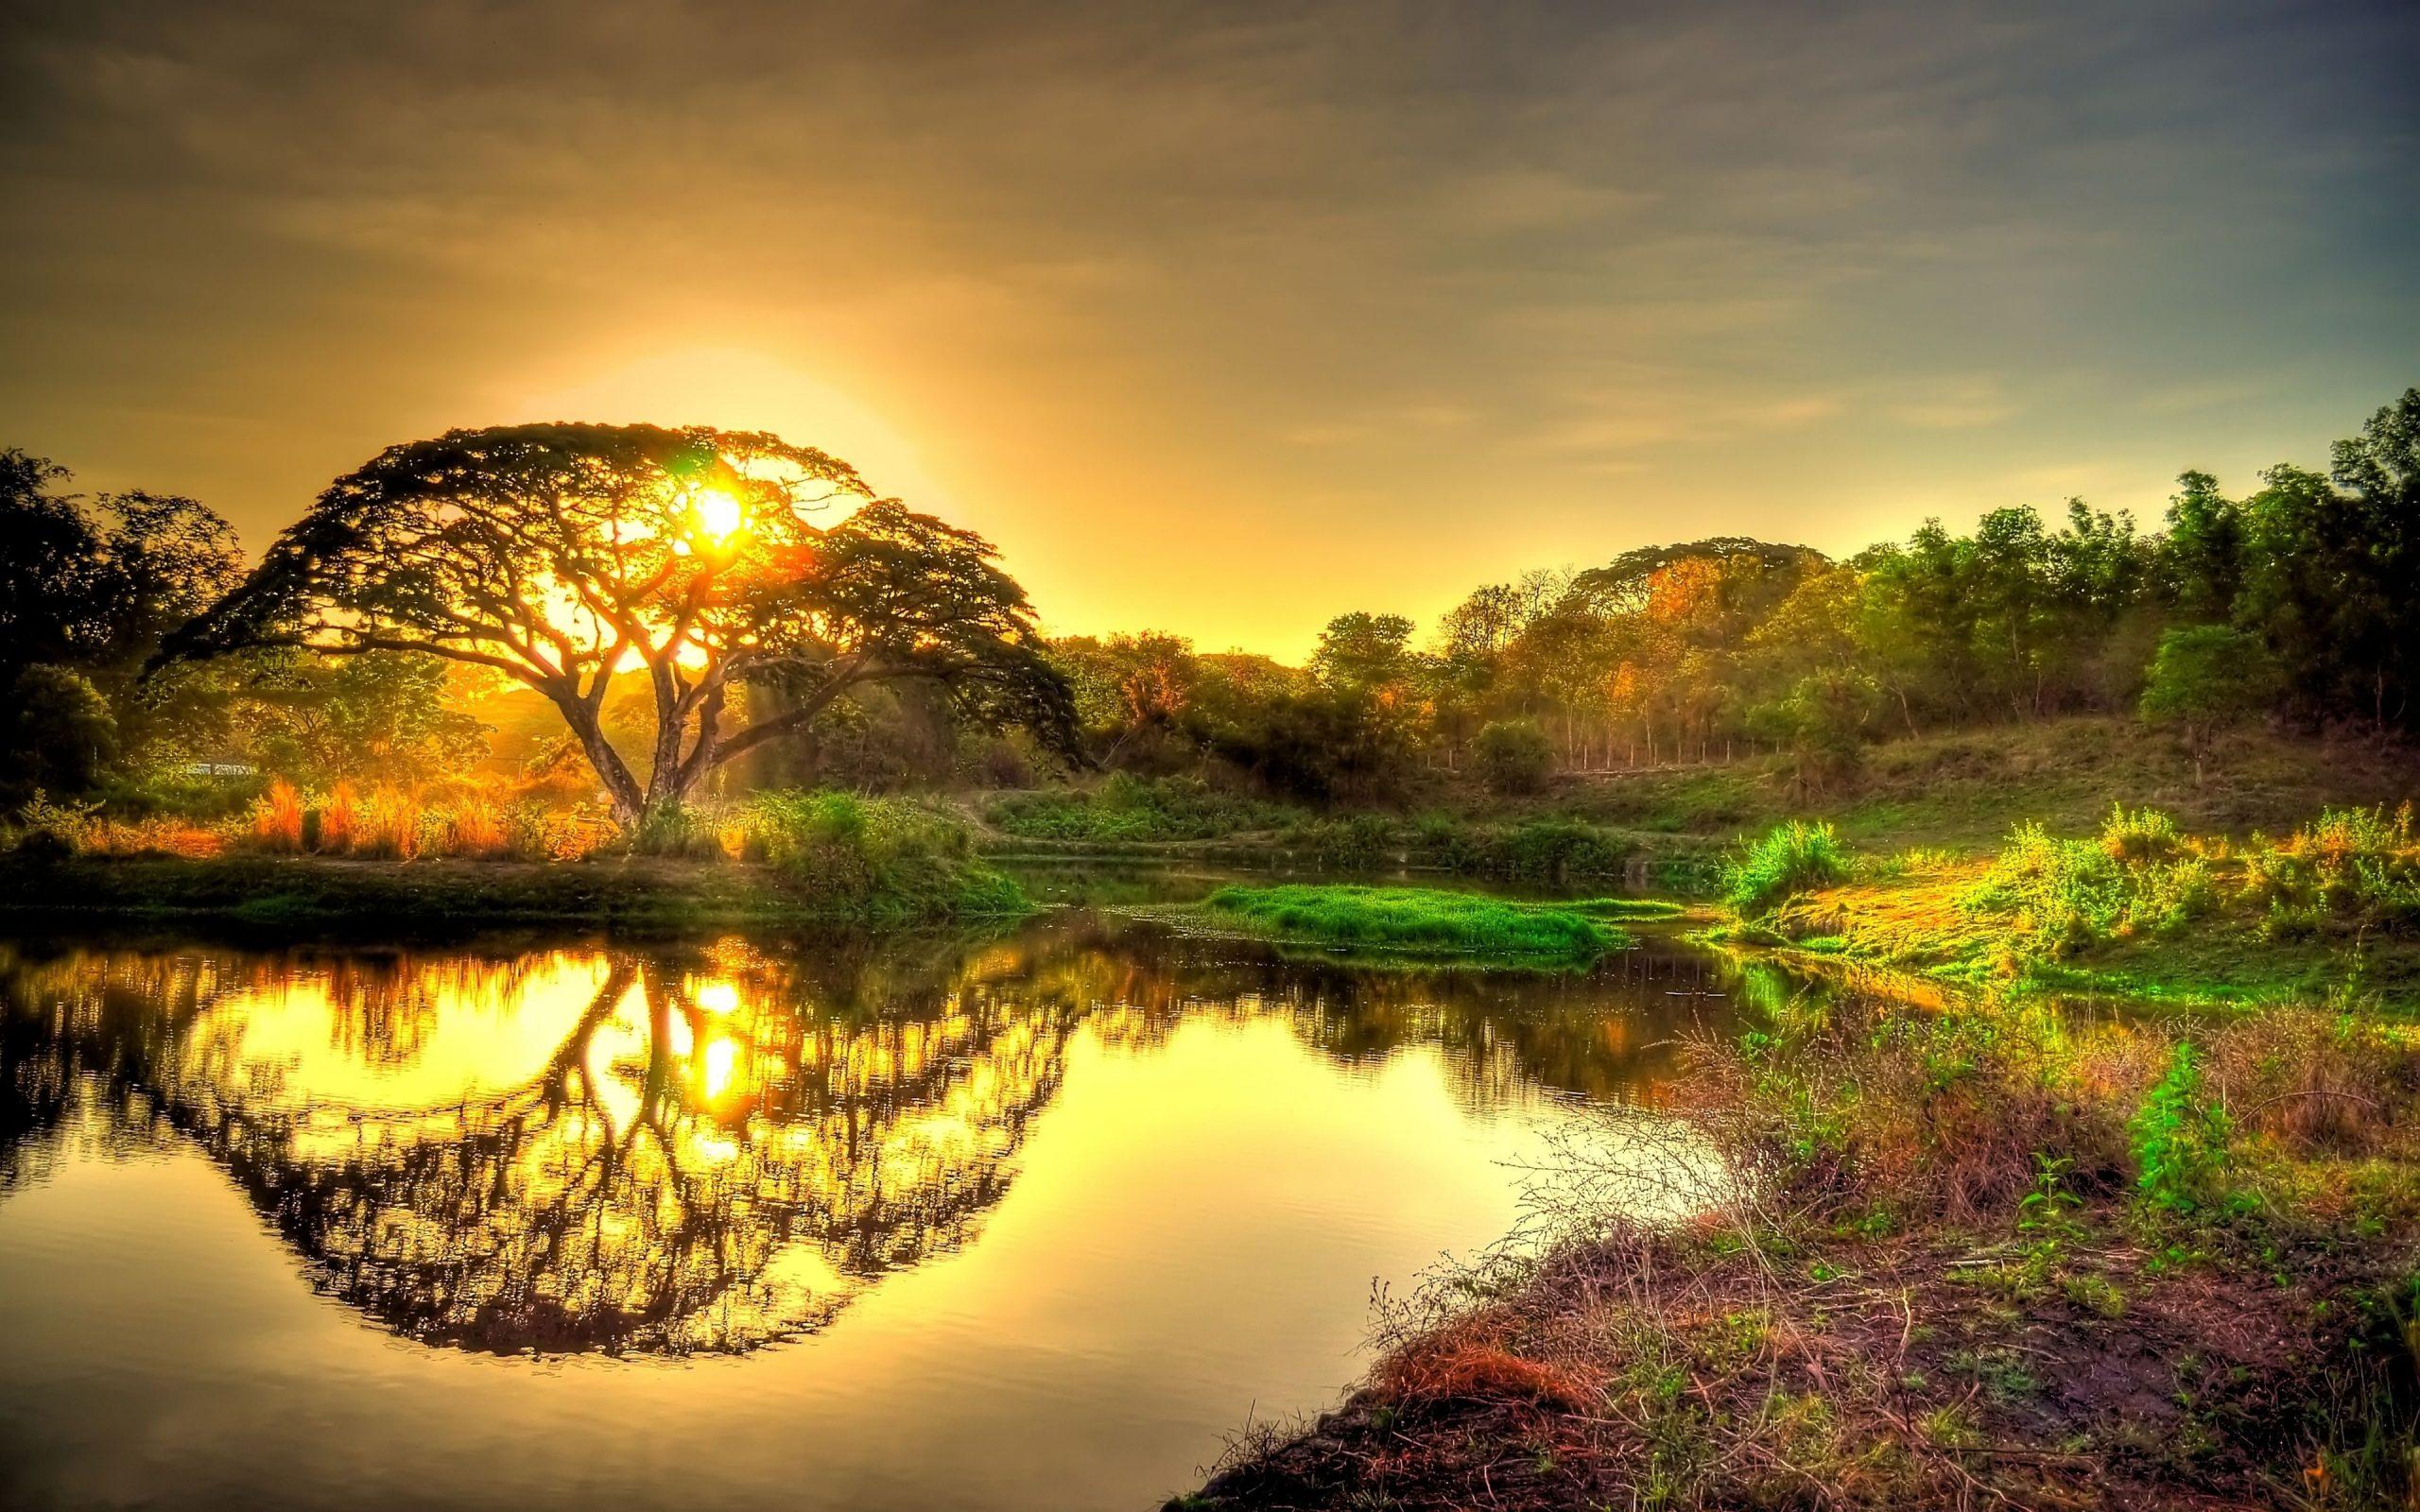 Hình nền đẹp 4k - Phong cảnh thiên nhiên làm hình nền đẹp cho máy tính